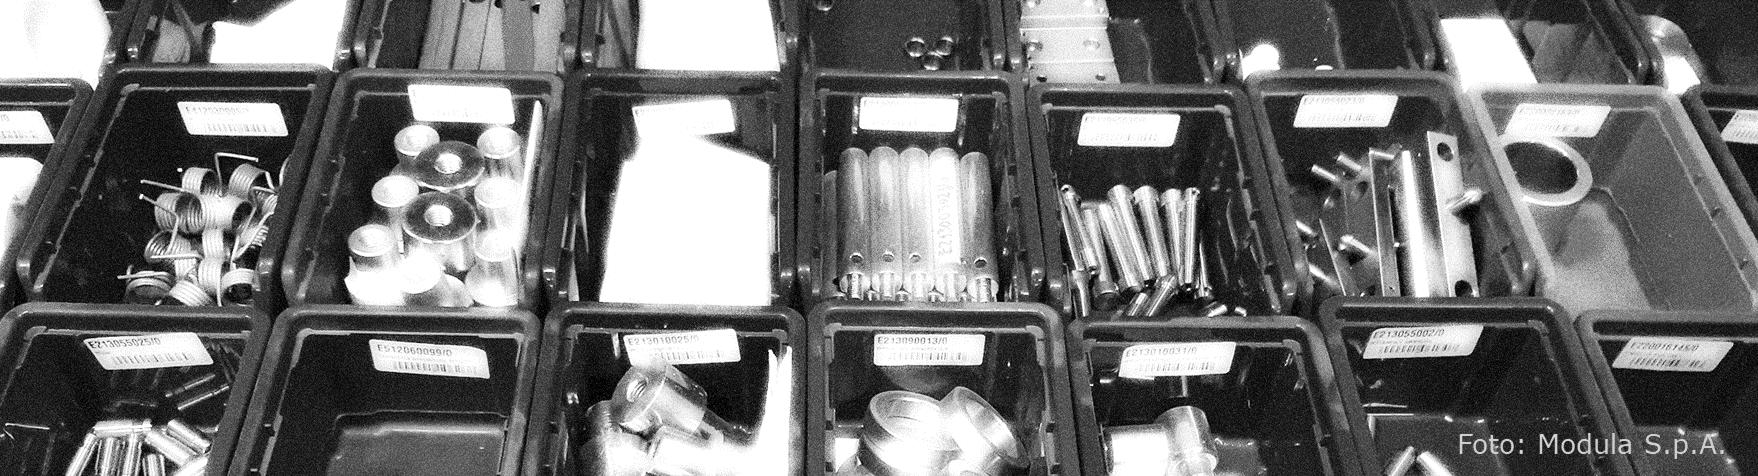 Kleinteilelager für Ersatzteile systematisch auslegen